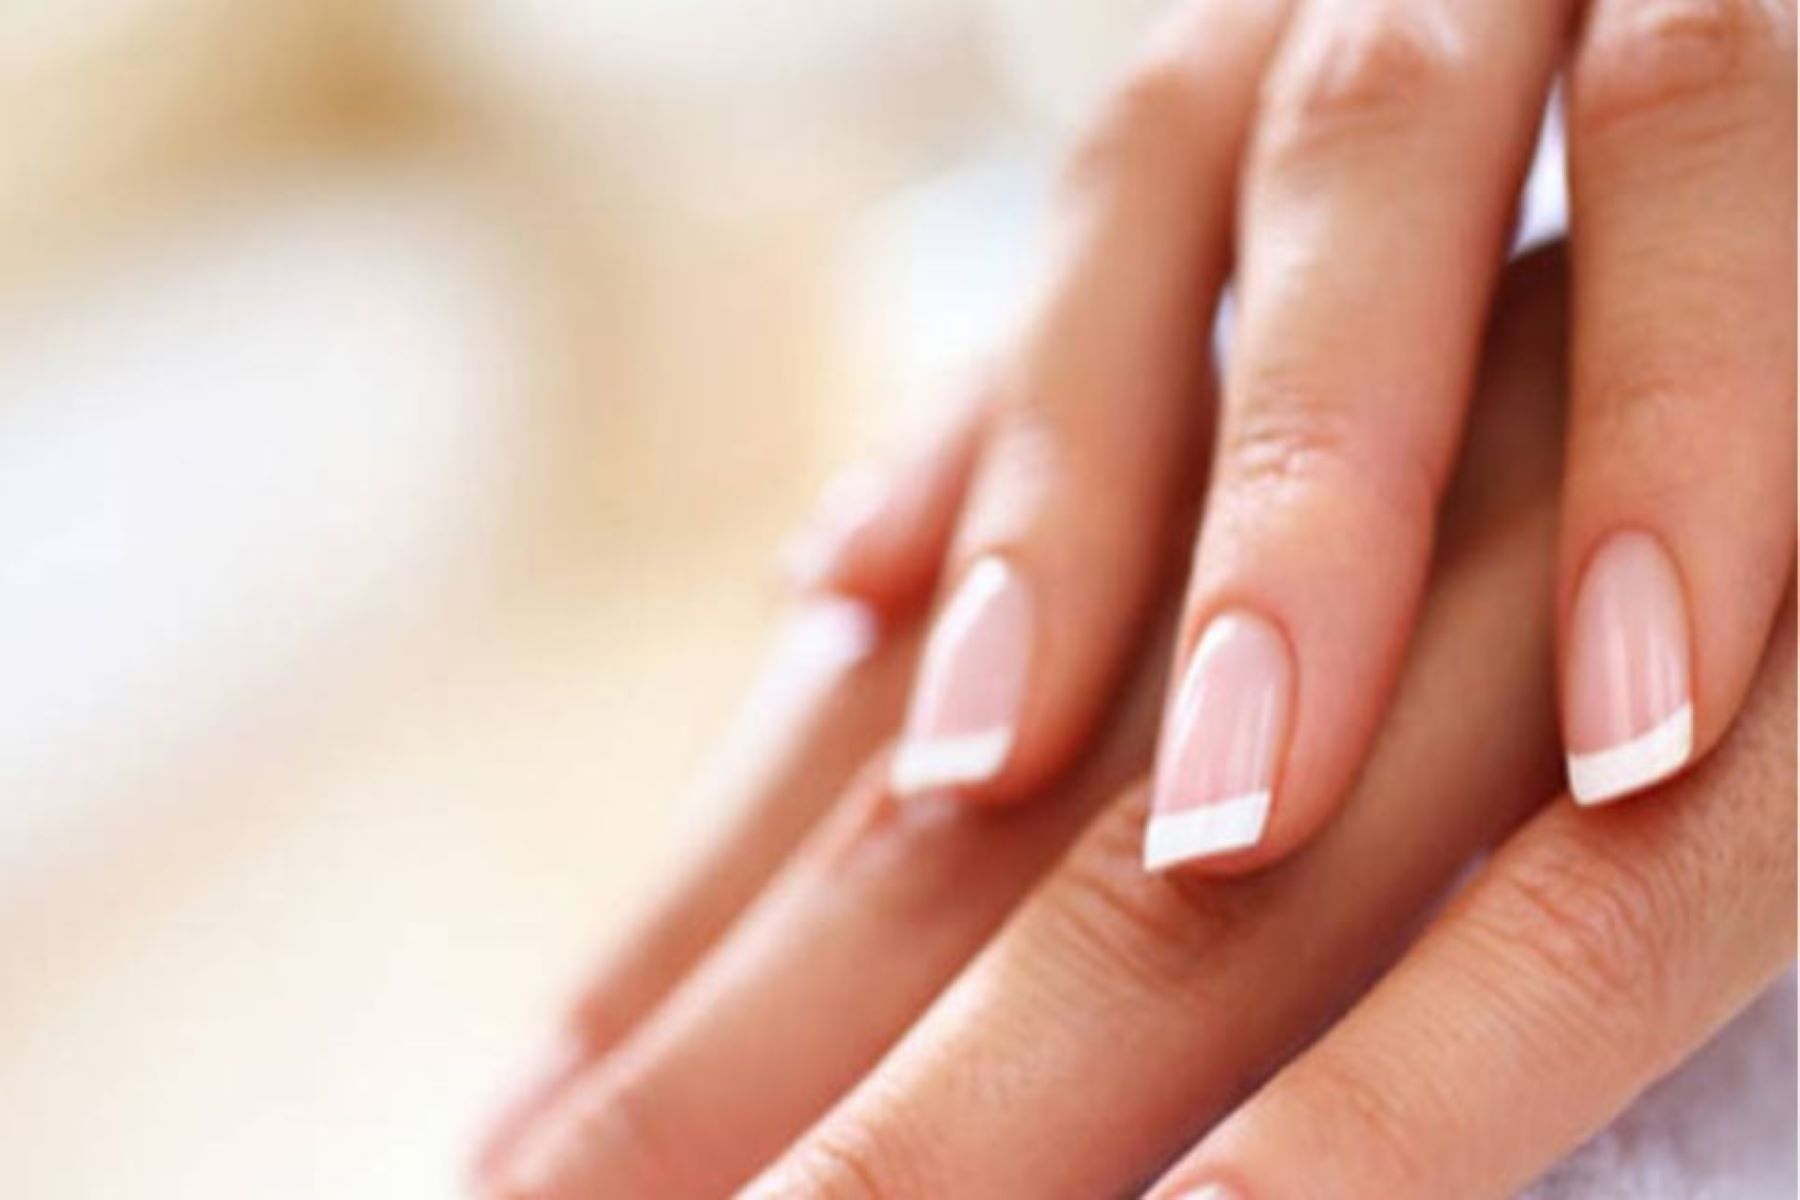 Γαλλικά νύχια 2020: 3 διαφορετικοί τύποι